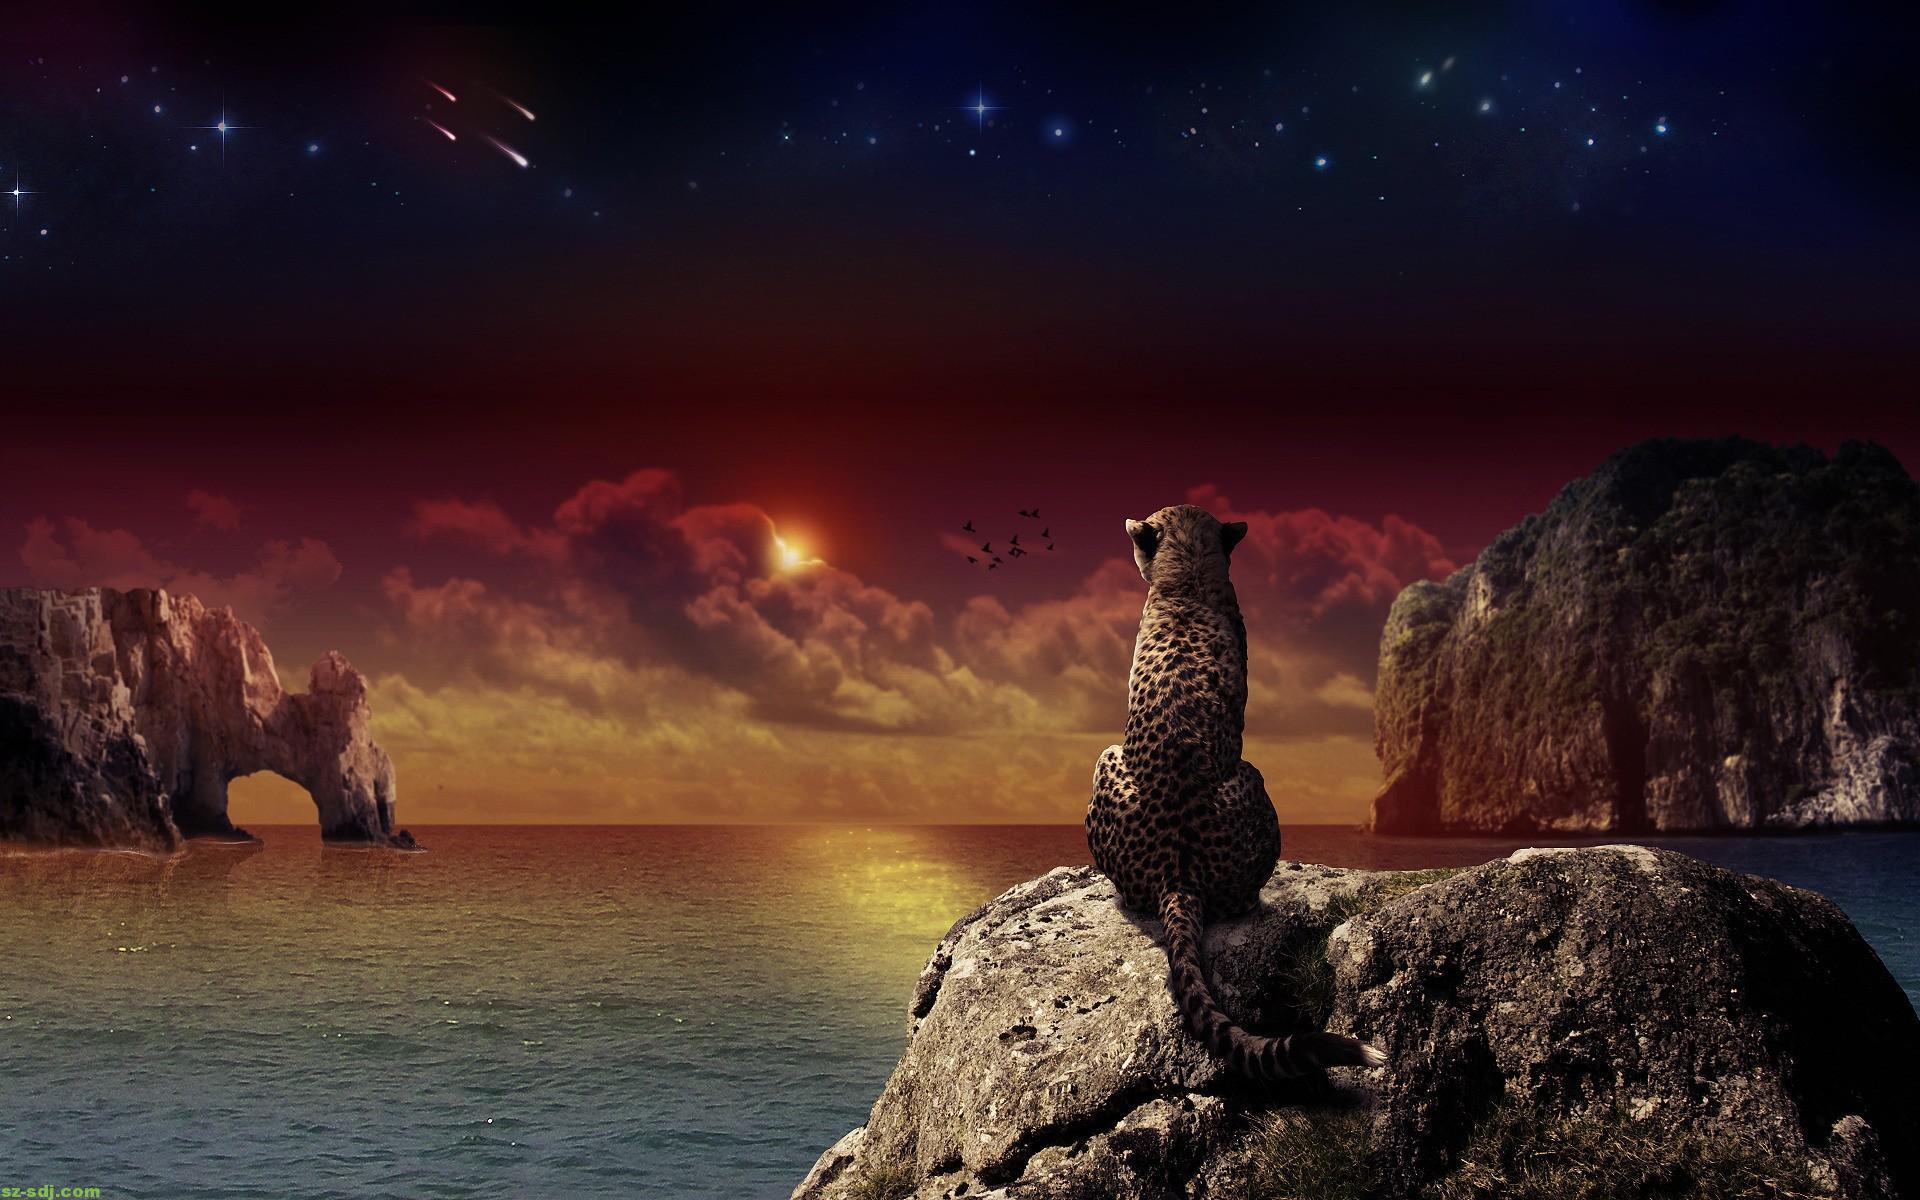 Awesome Cheetah Fantasy Wallpaper